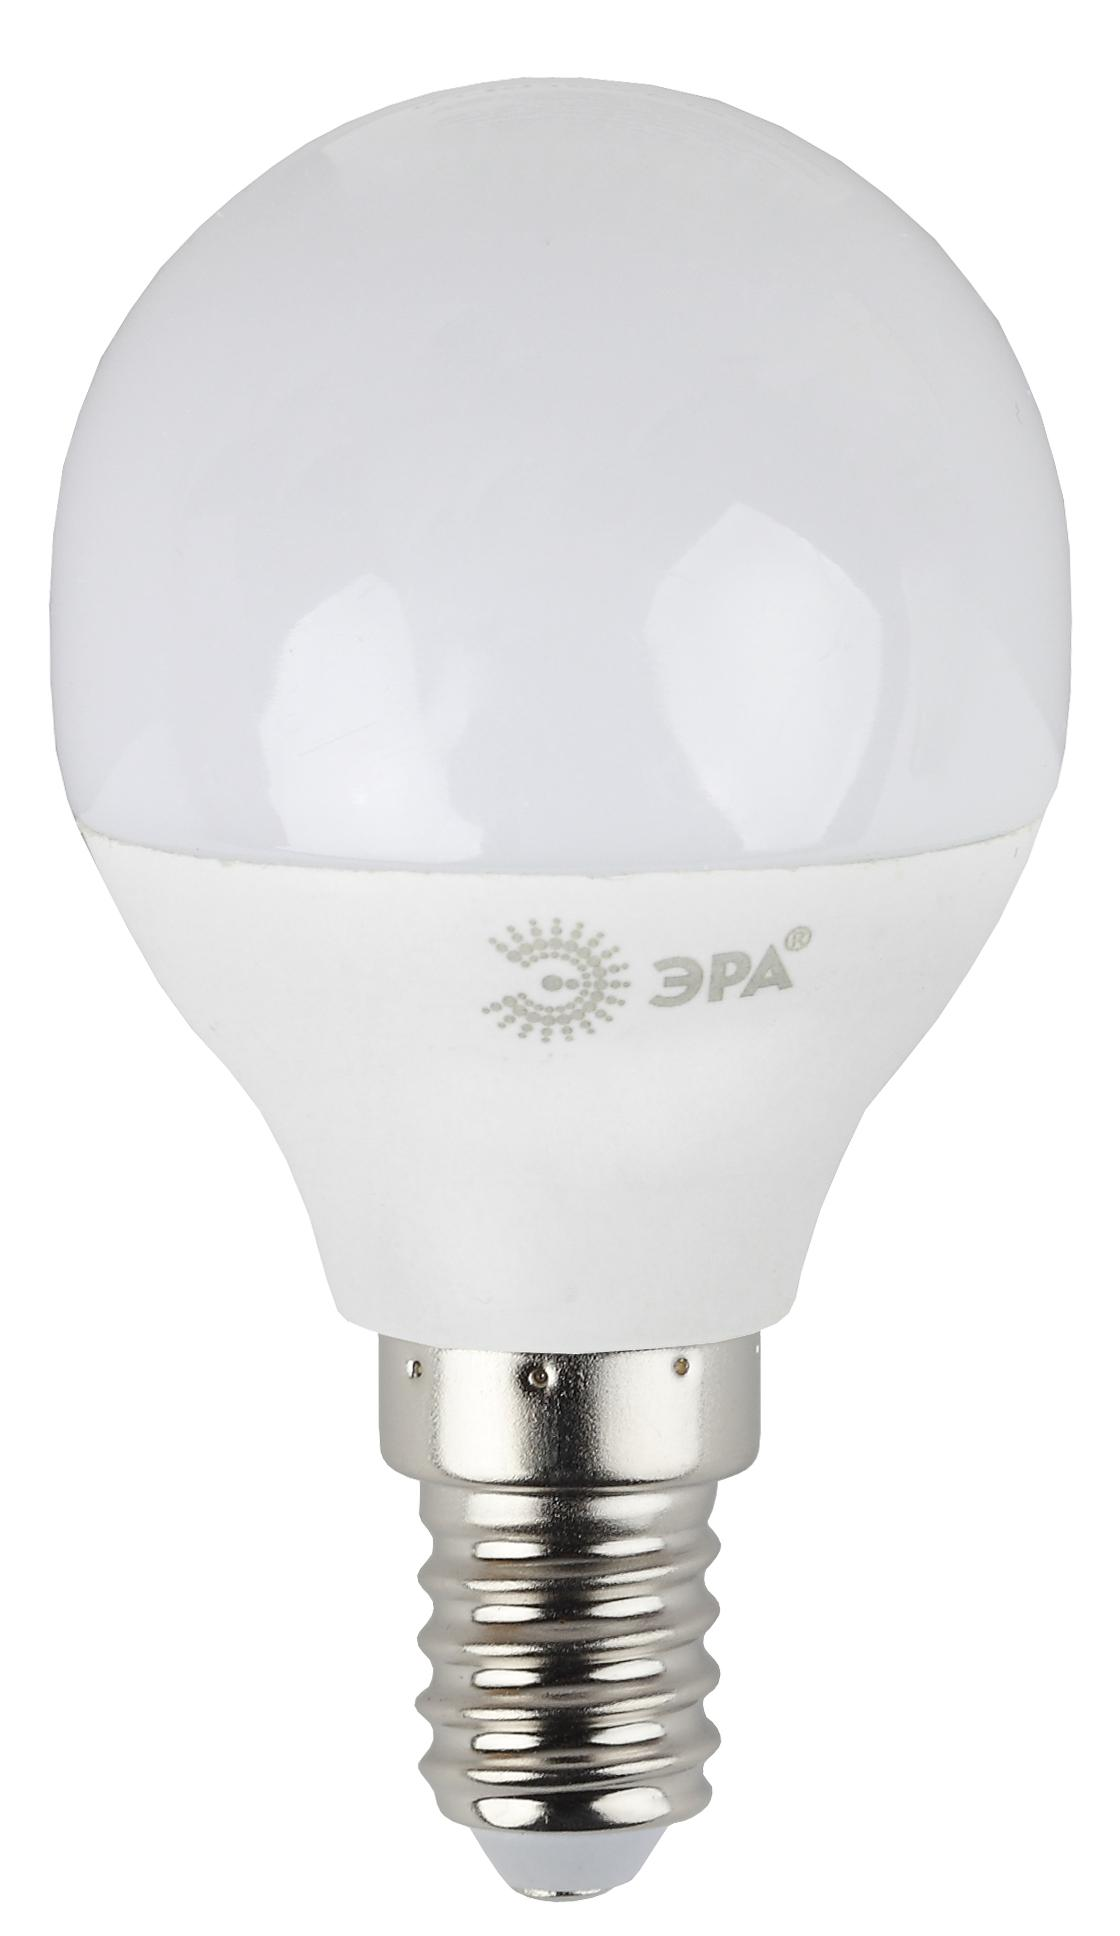 Лампа светодиодная ЭРА Led smd p45-7w-840-e14 лампа светодиодная эра led smd bxs 7w 840 e14 clear